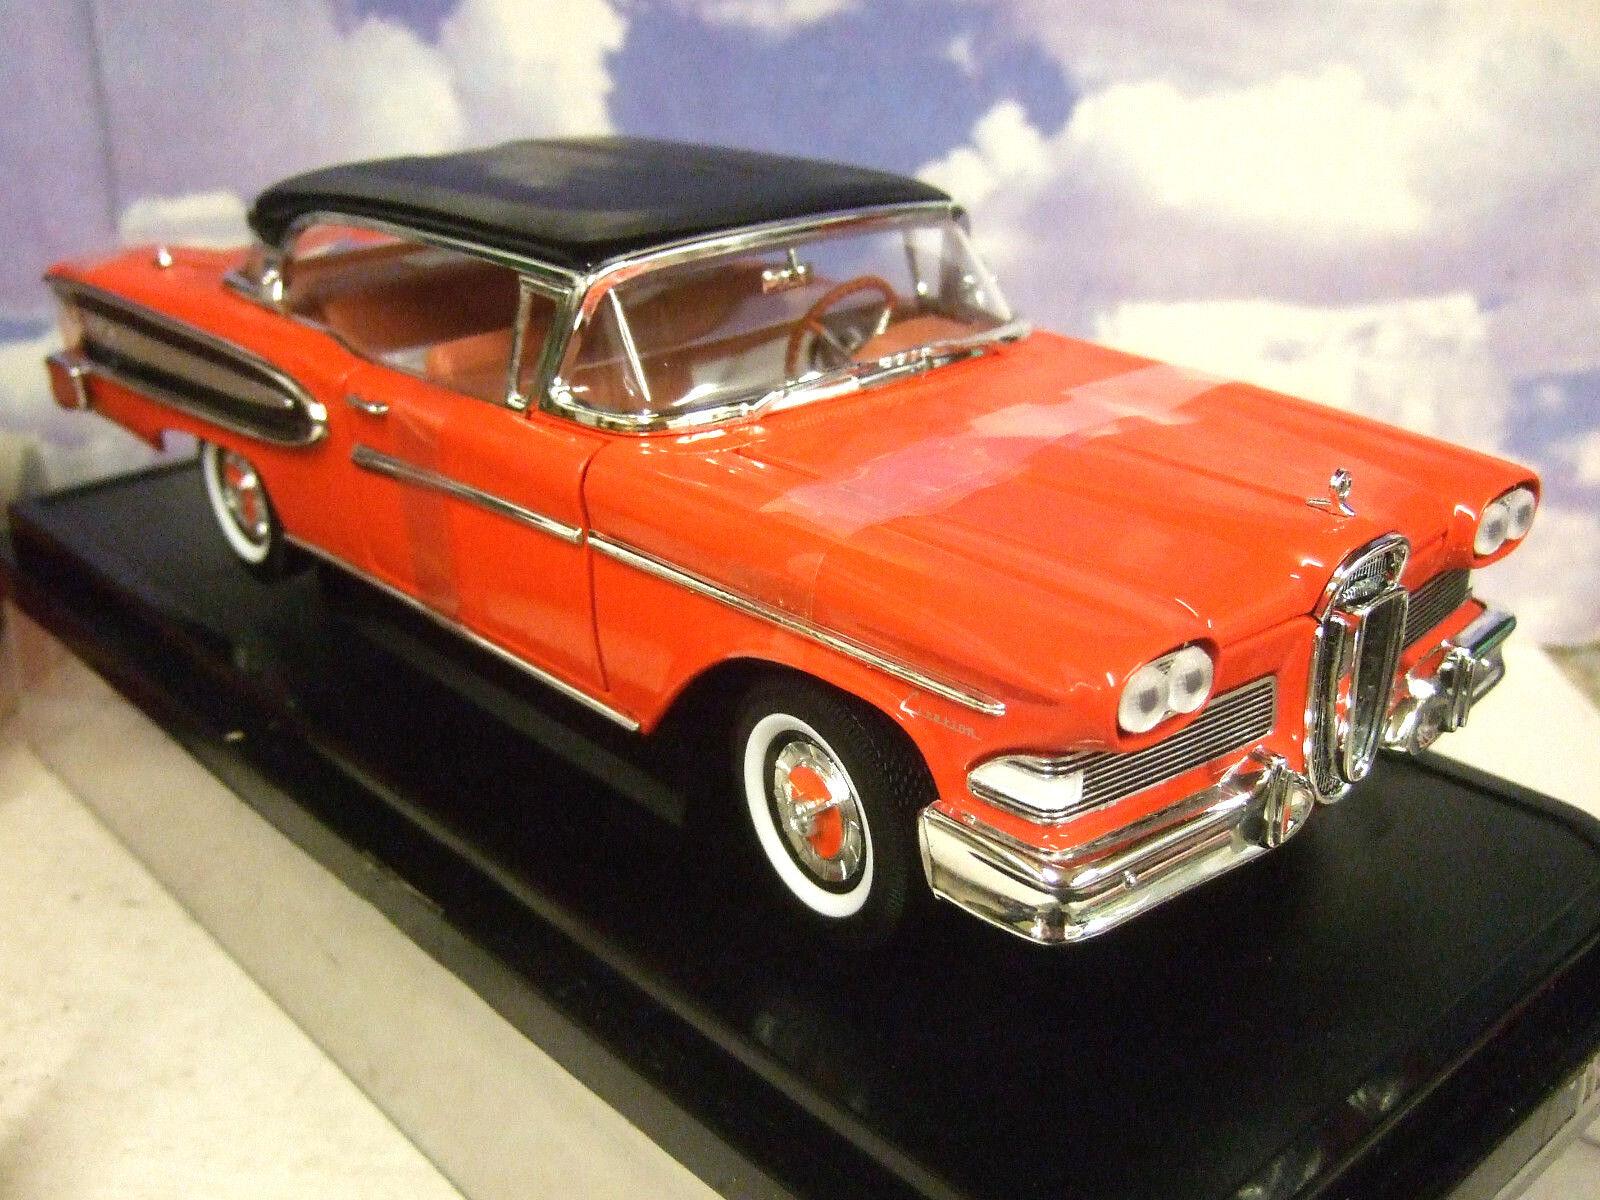 Whitebox 1/18 1960 (58) Ford Edsel Citation rouge/noir ouverture portes/coffre/capot moteur   Qualité Fine    Forme élégante    Up-to-date Styling    Moderne